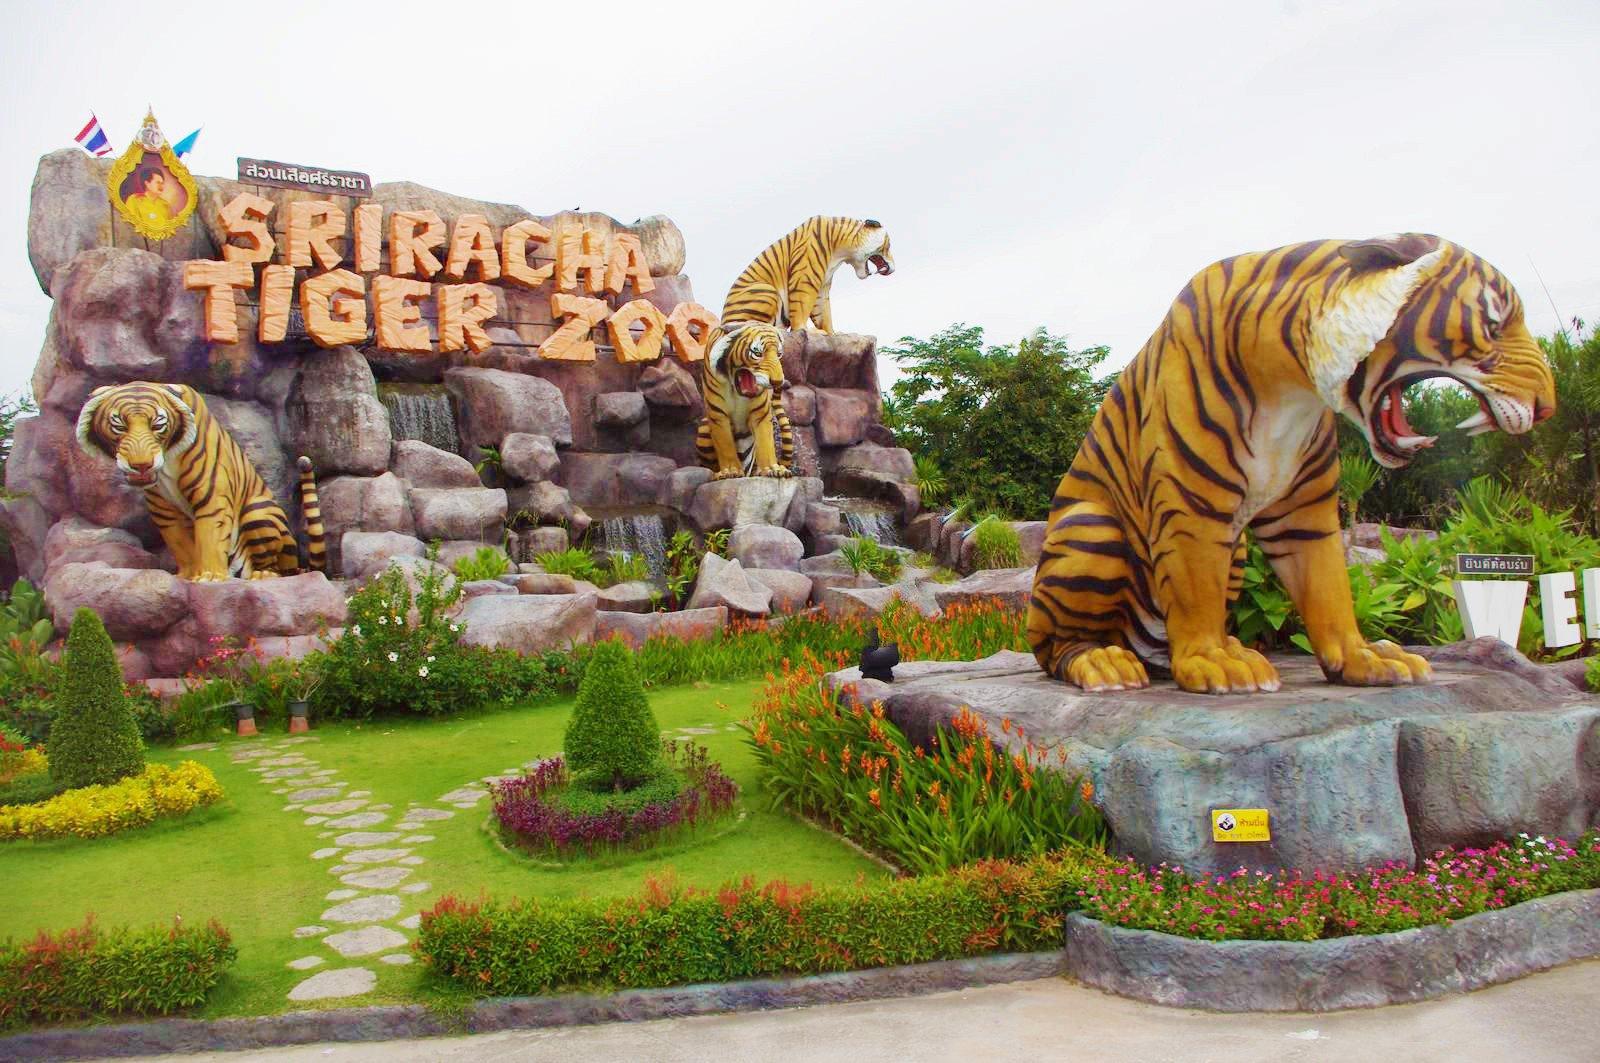 Cổng chào với bức tượng những chú hổ Bengal mạnh mẽ